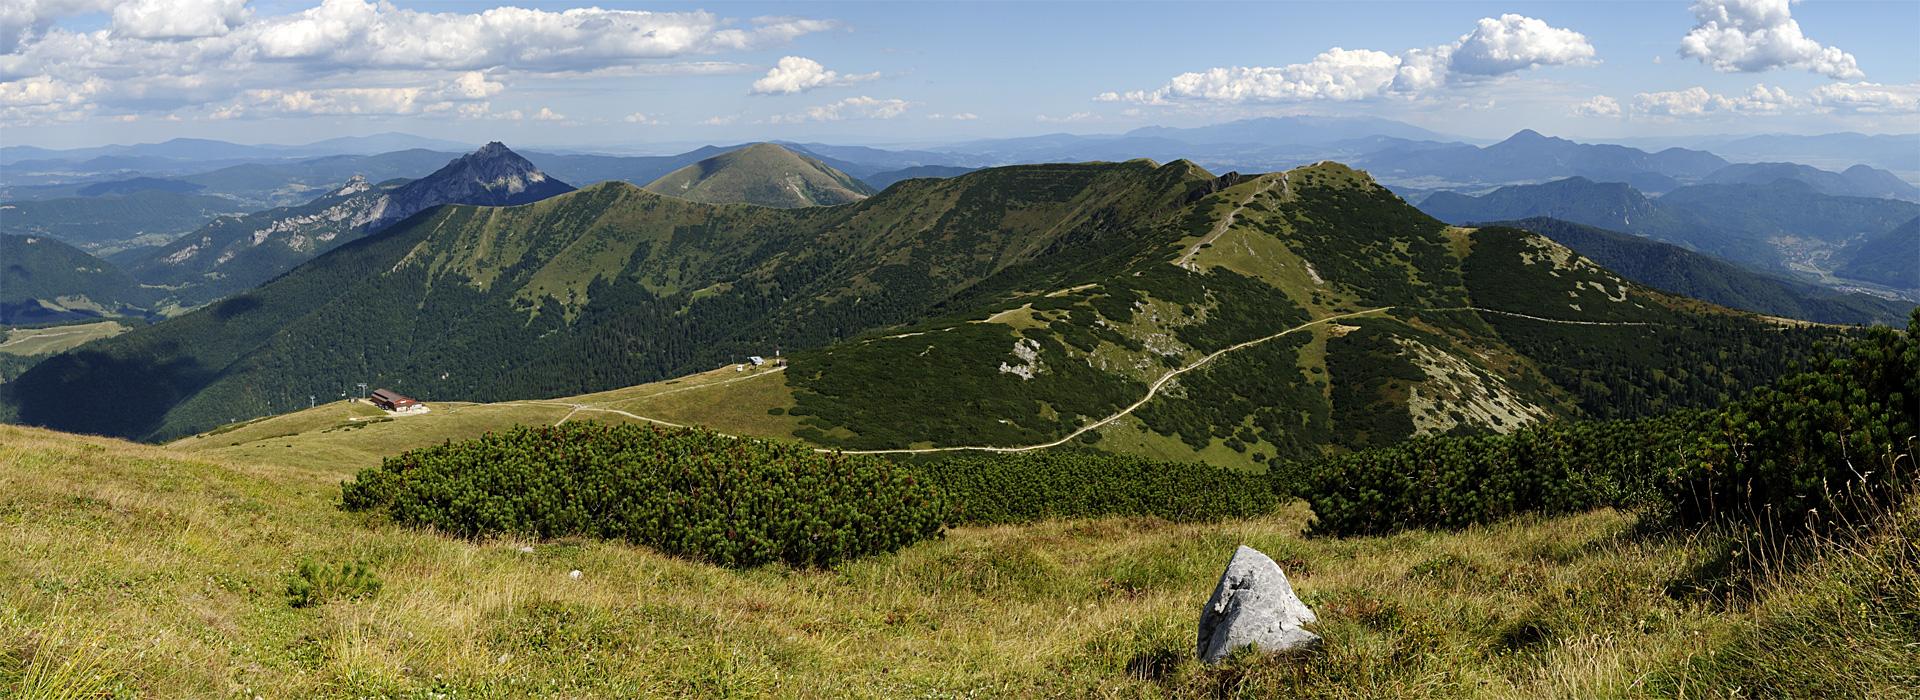 Výhled z Velkého Kriváně na horní stanici lanovky a vrcholy Malý a Velký Rozsutec, Stoh, Poludňový grúň a Chleb. Cesta protínající svah Chlebu vede k chatě pod Chlebom.